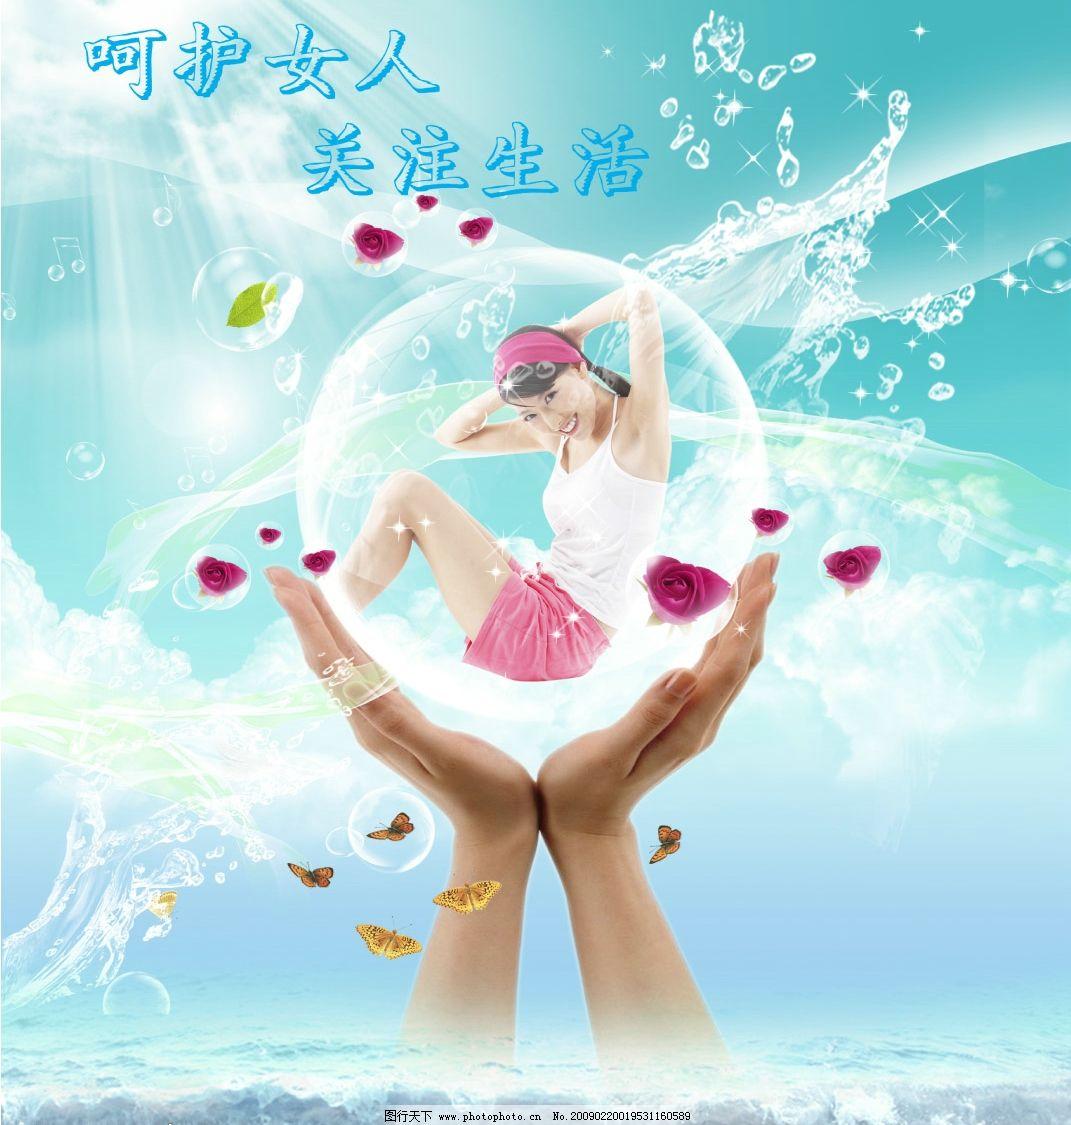 呵护女性 呵护 女性 女人 手 爱护 生活 妇女 妇女节 健康 花 蝴蝶